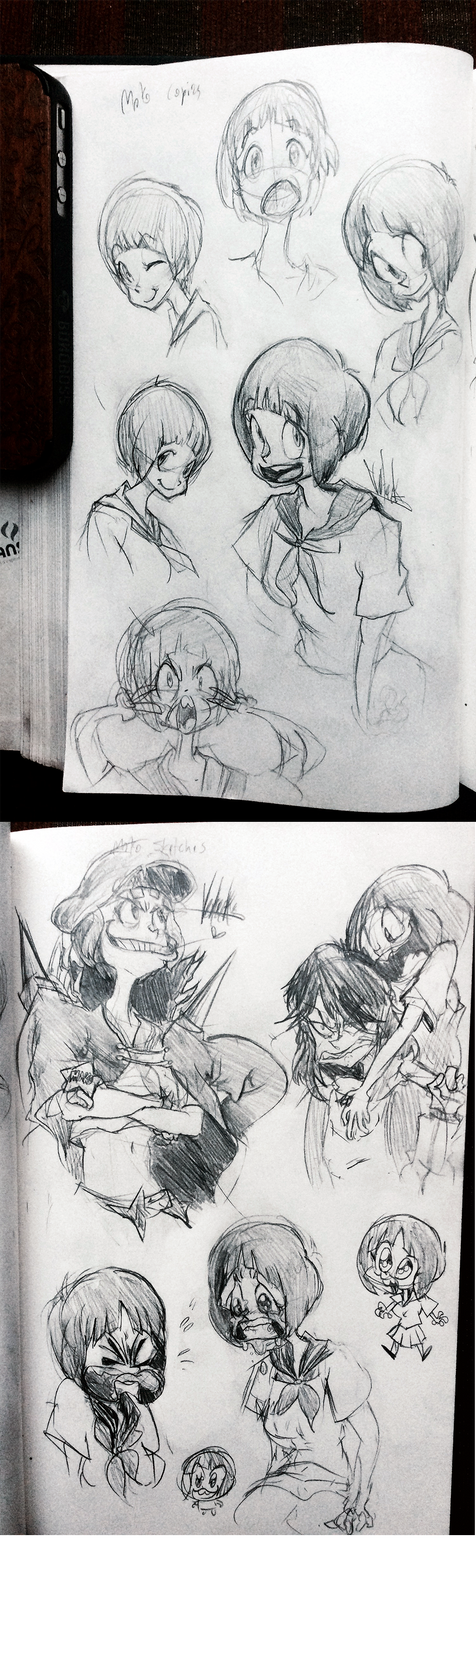 Sketchdump o' Mako by Vertecks